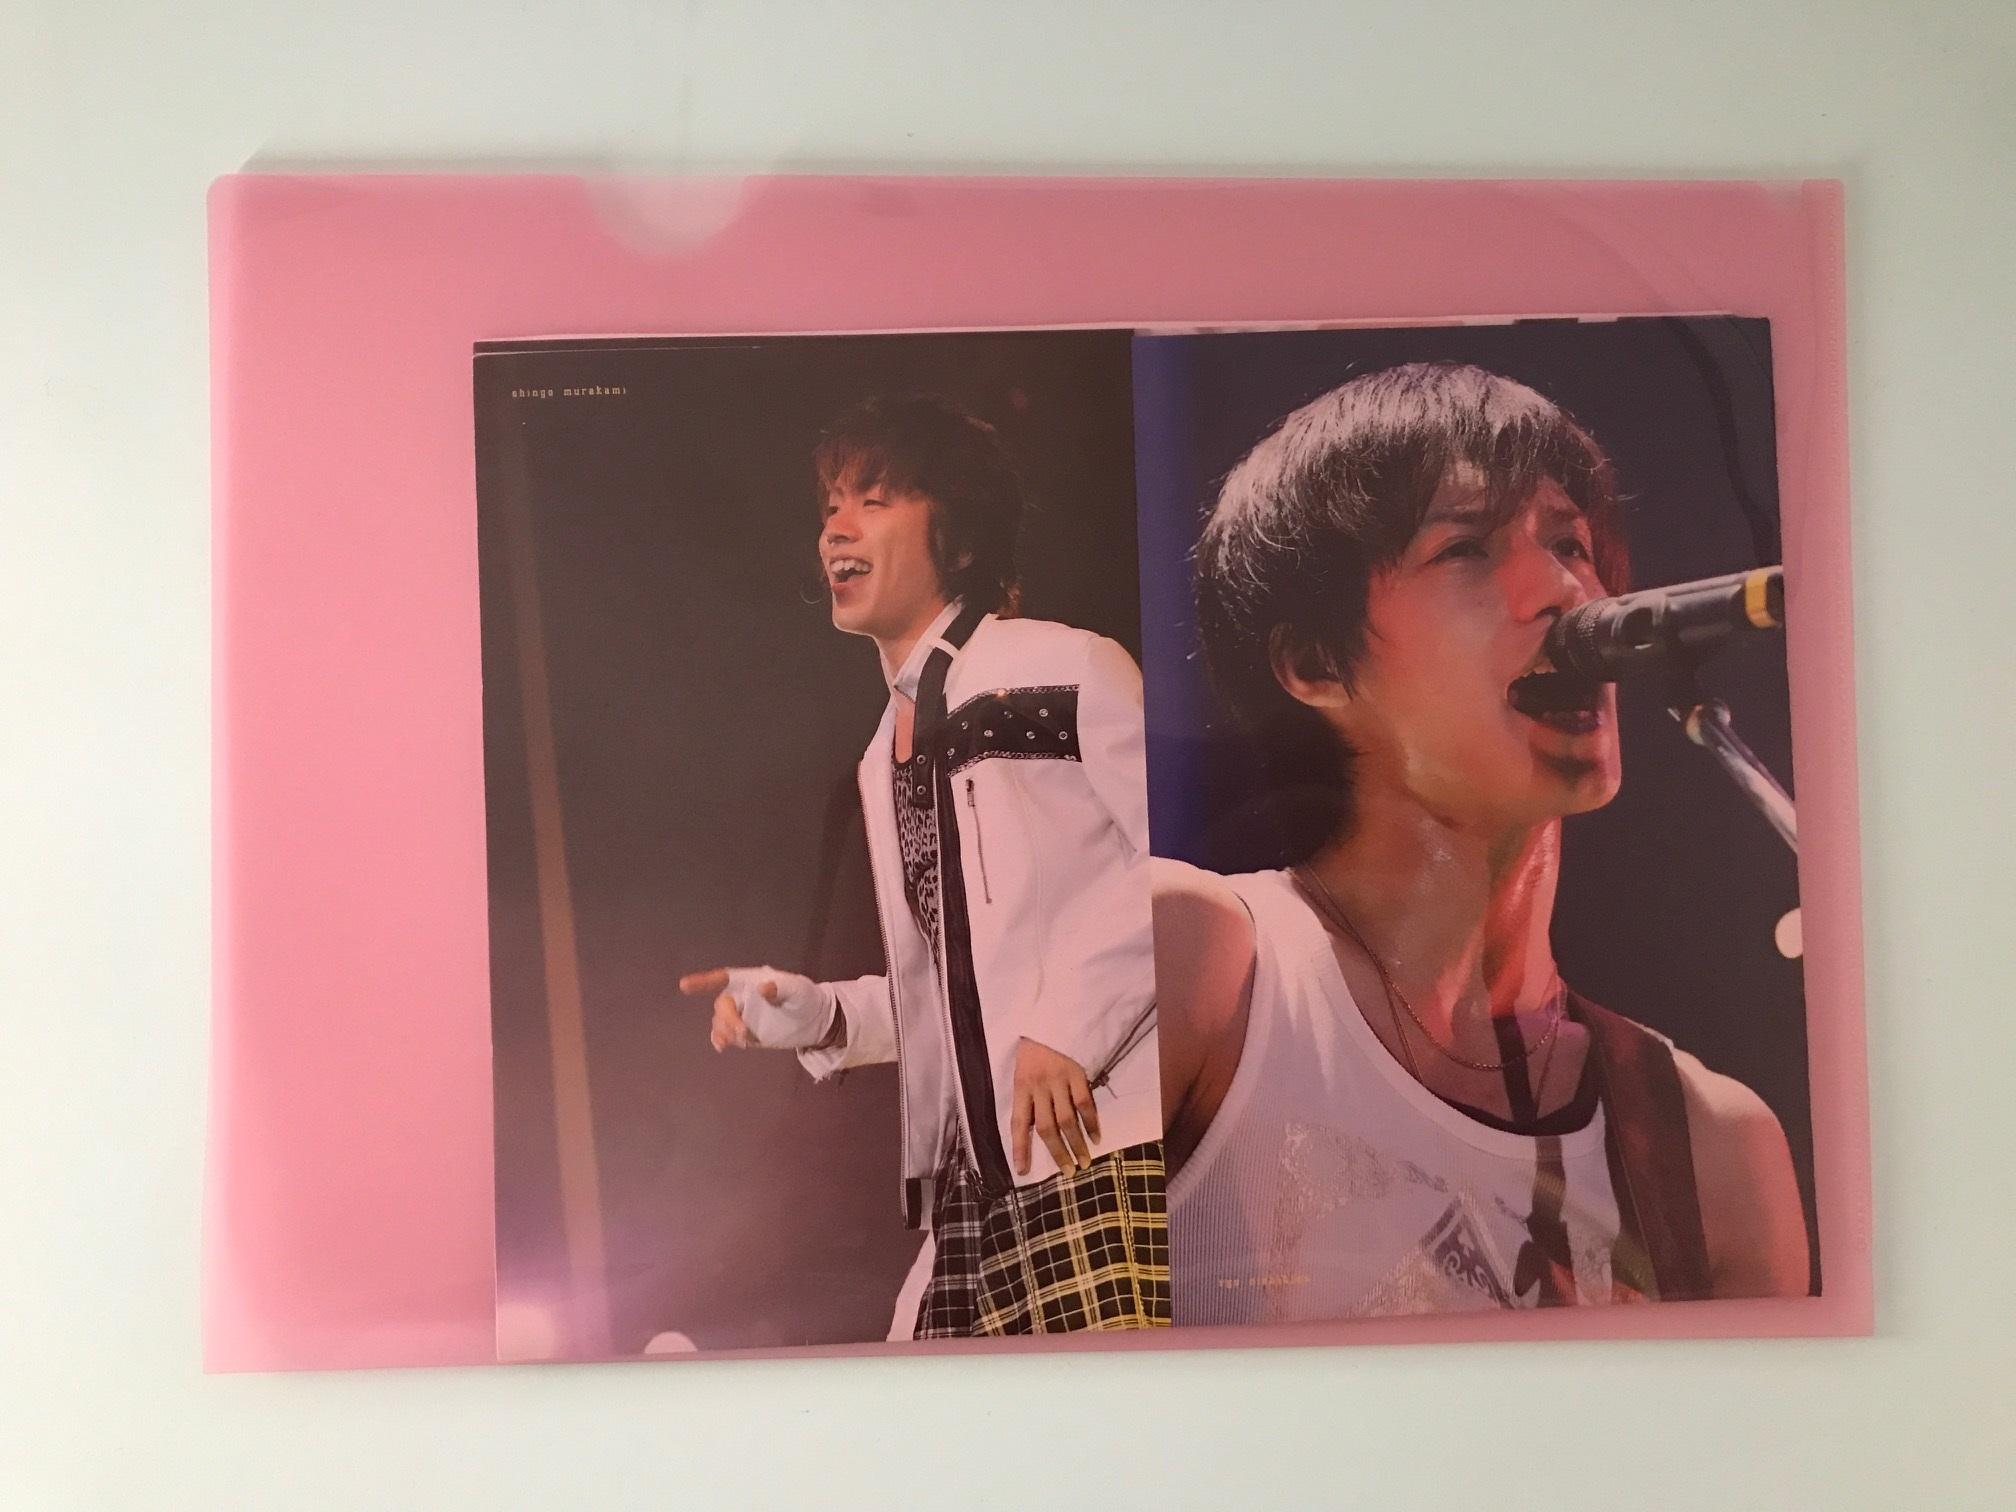 関ジャニのミニポスターをクリアファイルに入れた写真